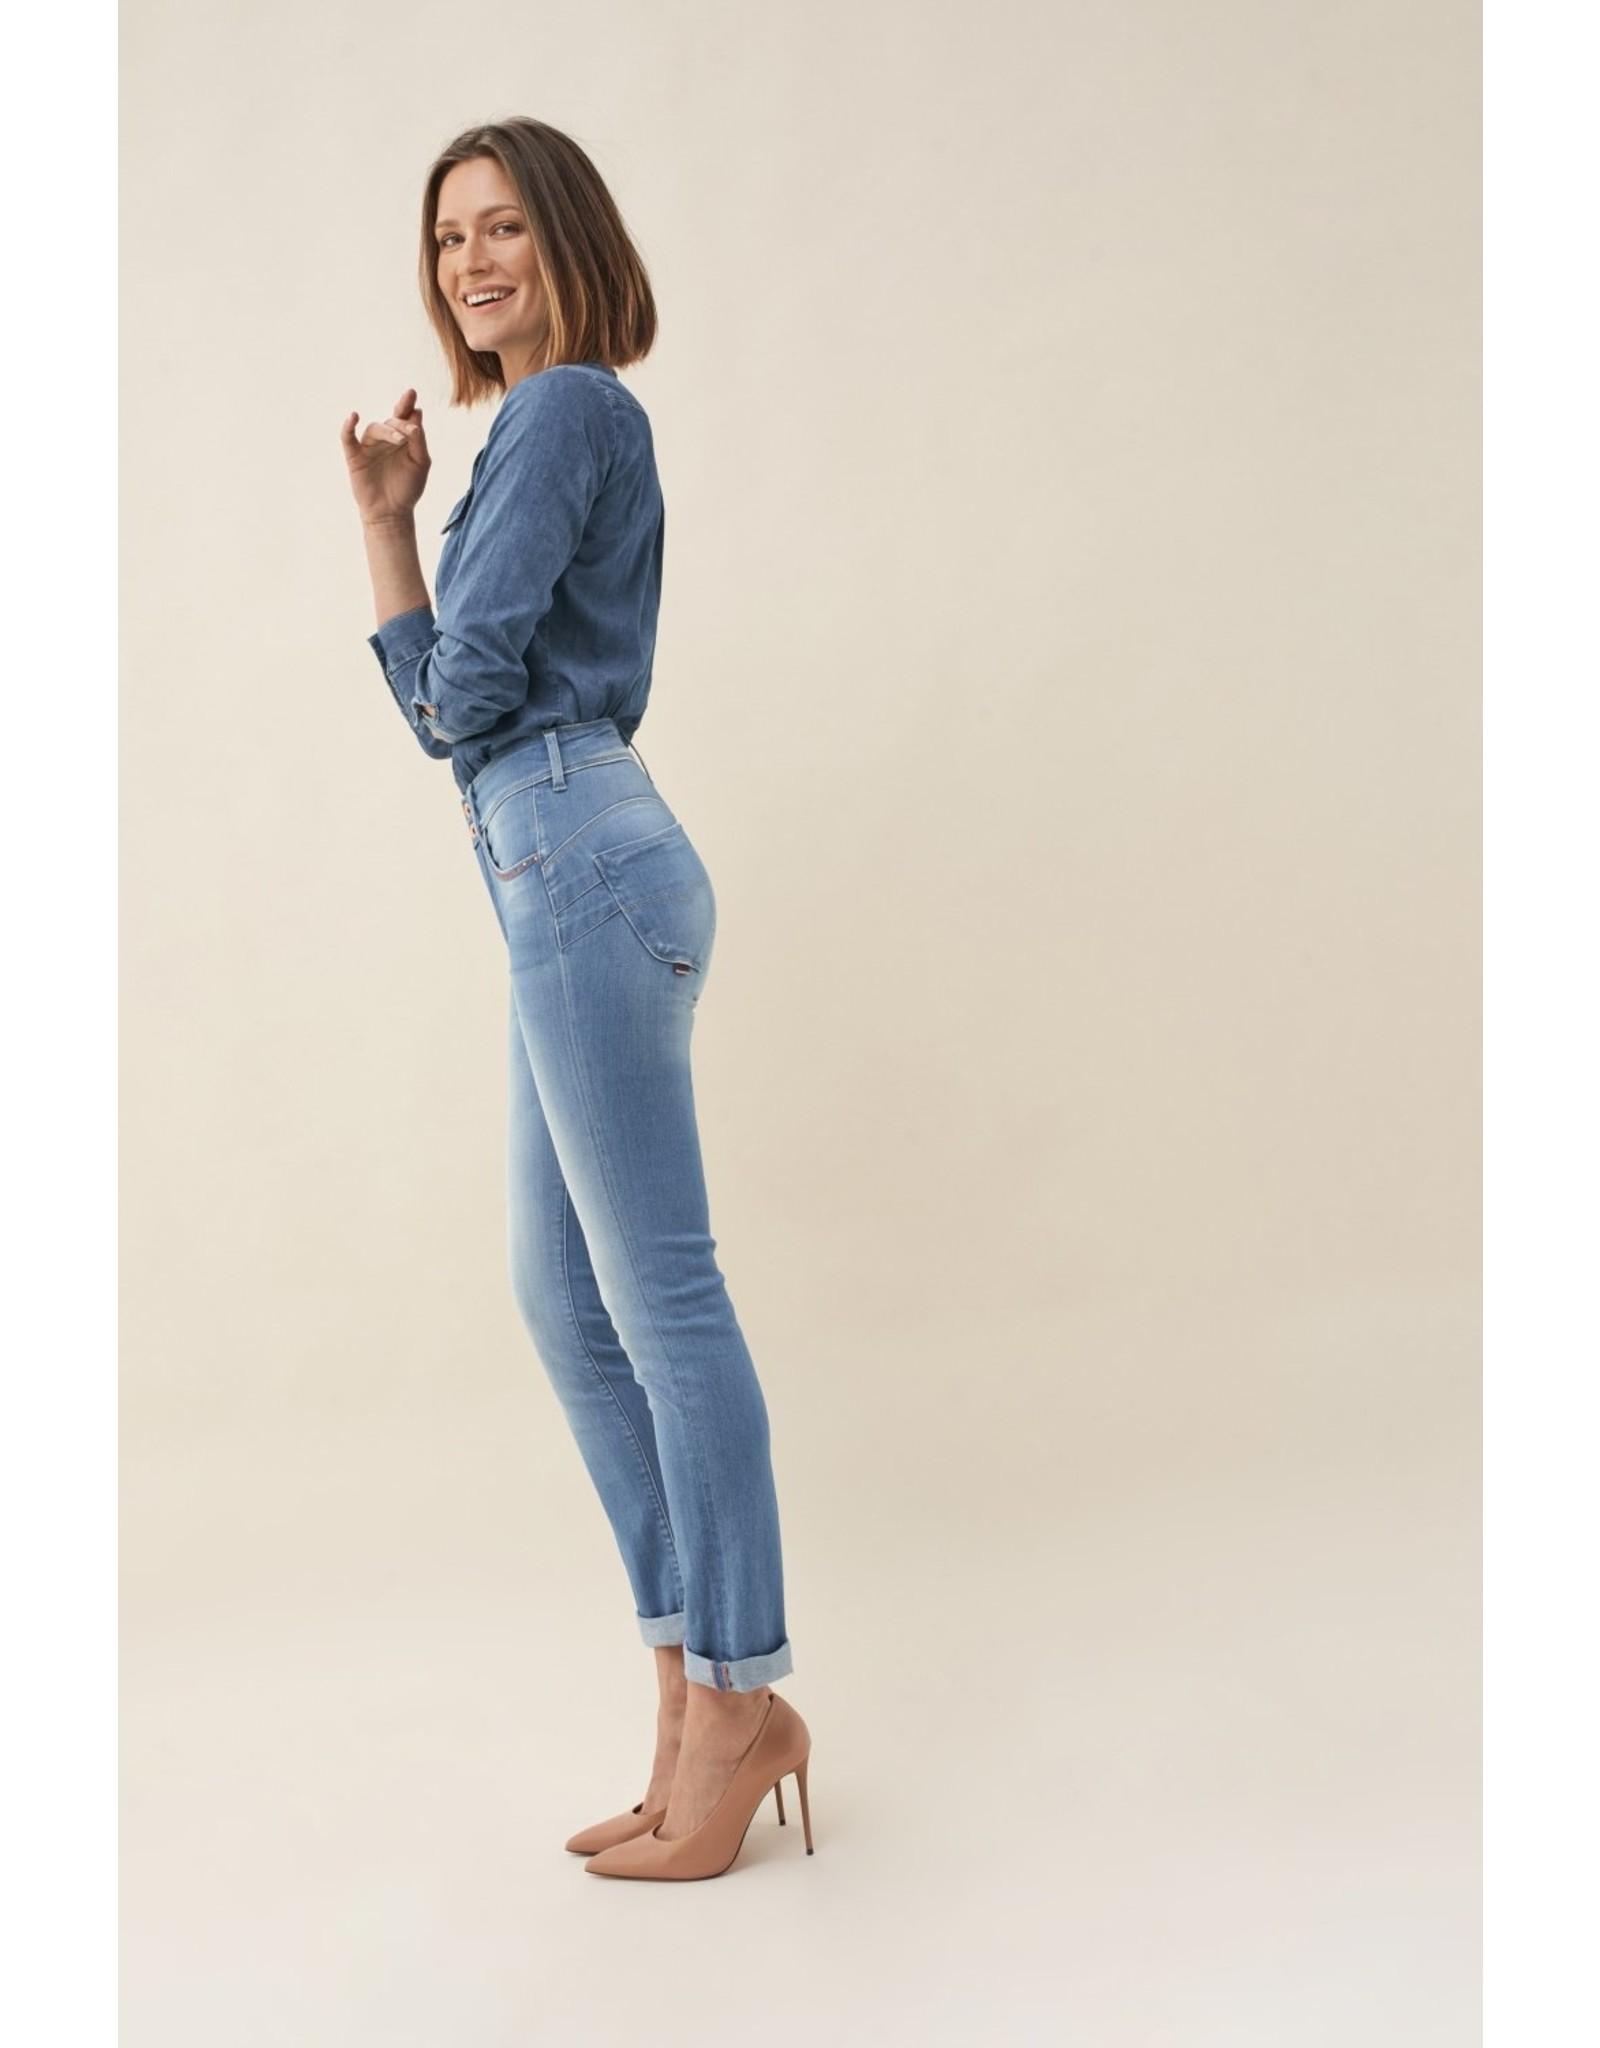 Salsa Jeans Secret Slim-Rainbow Thread on pocket